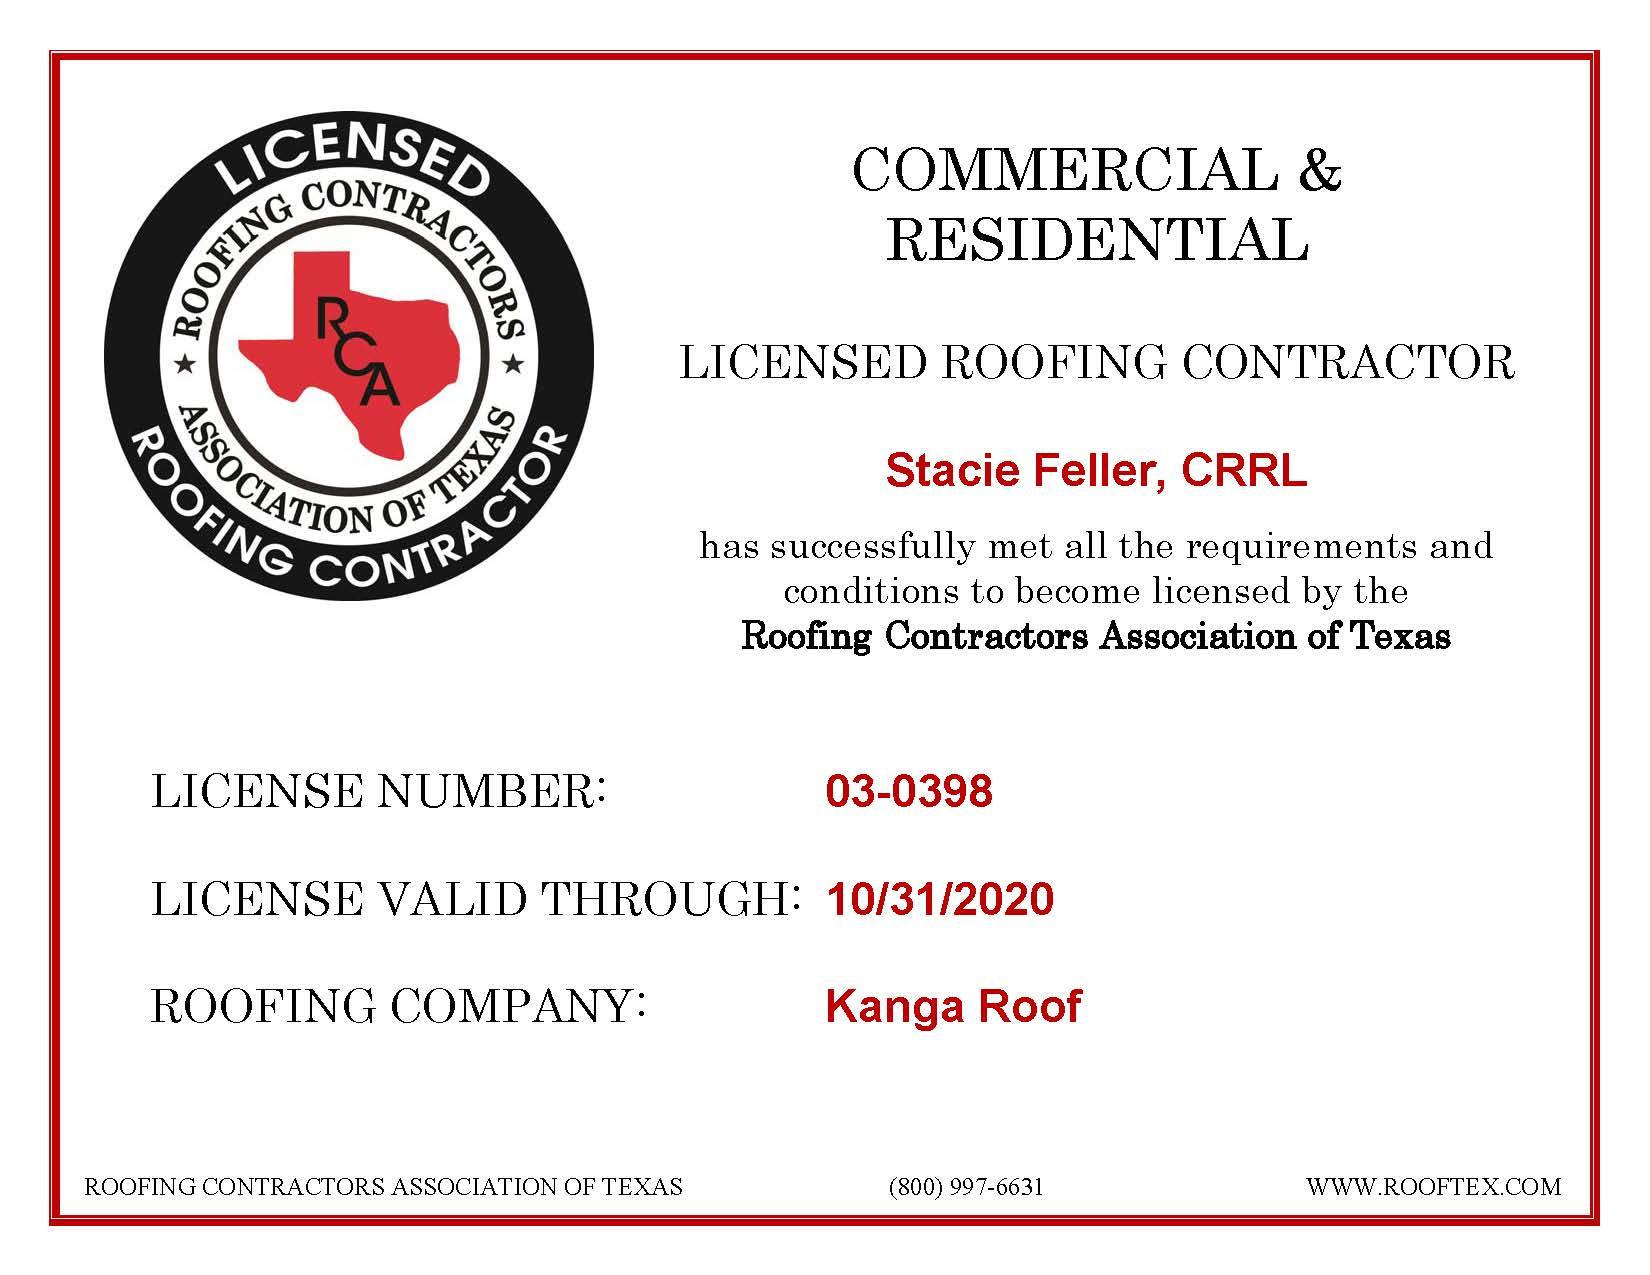 Stacie Feller - RCAT License